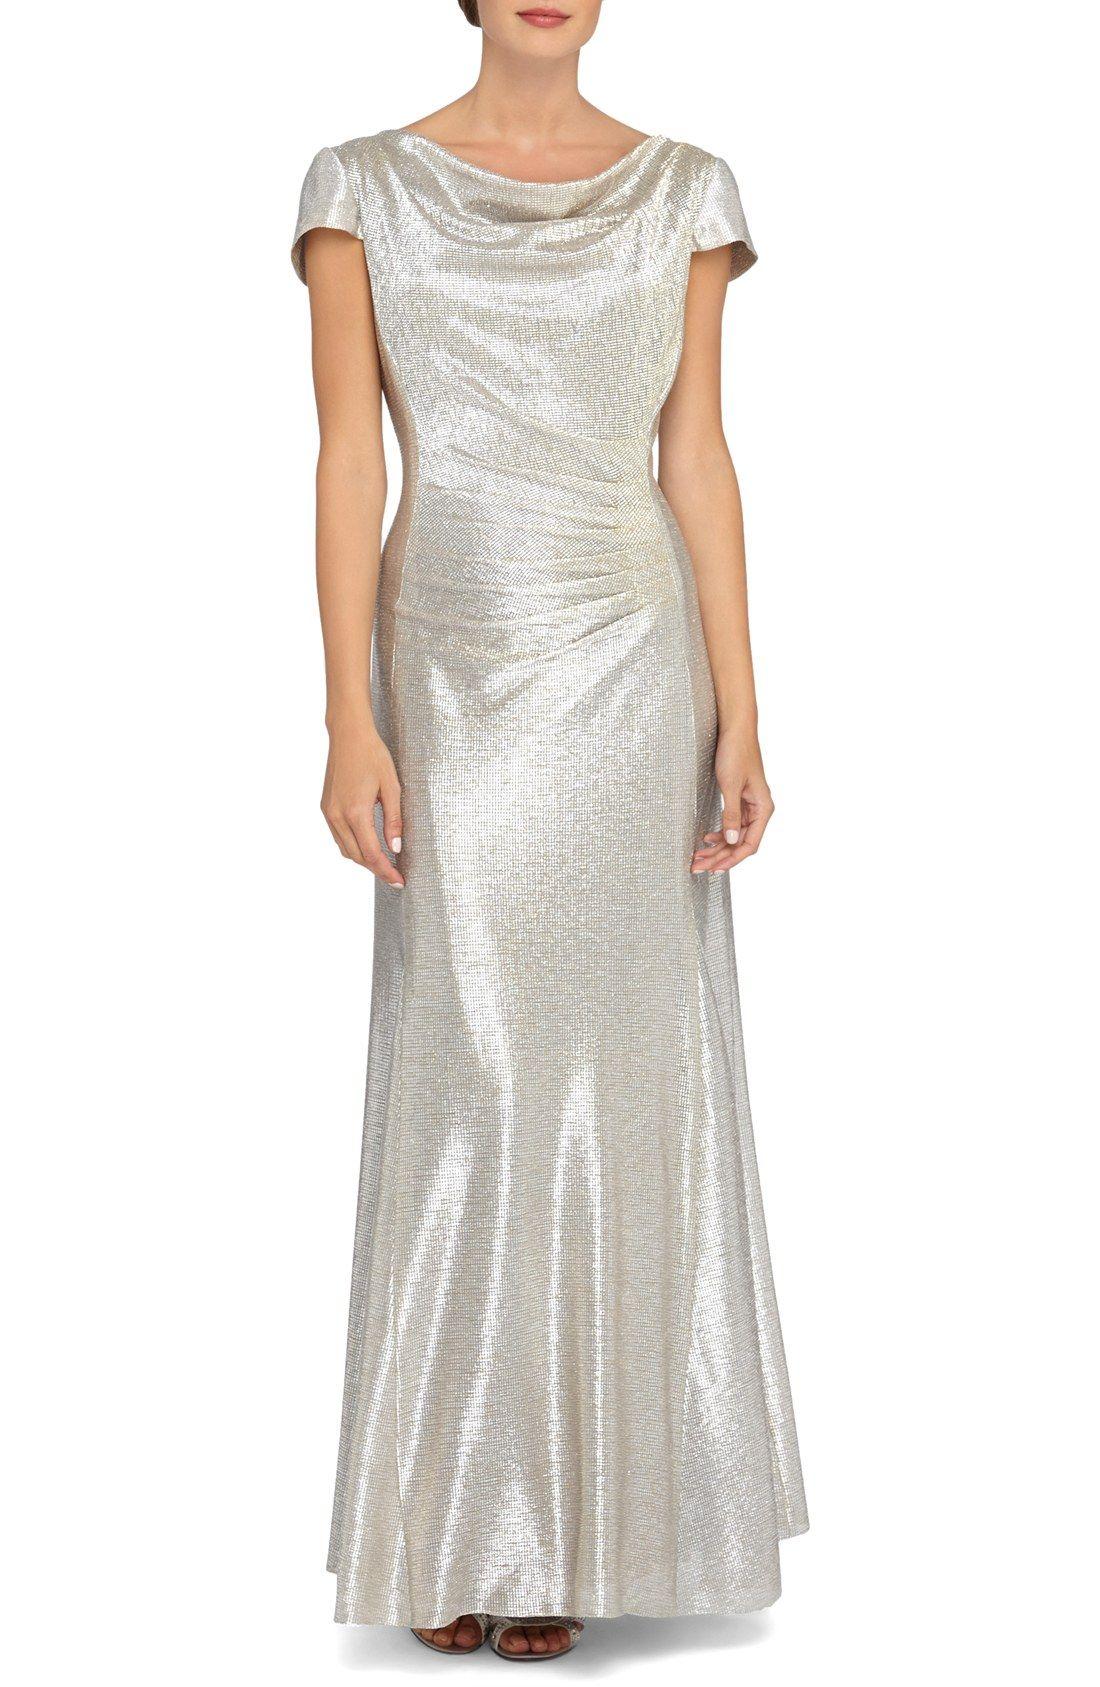 Tahari Metallic Crepe Scoop Neck Gown